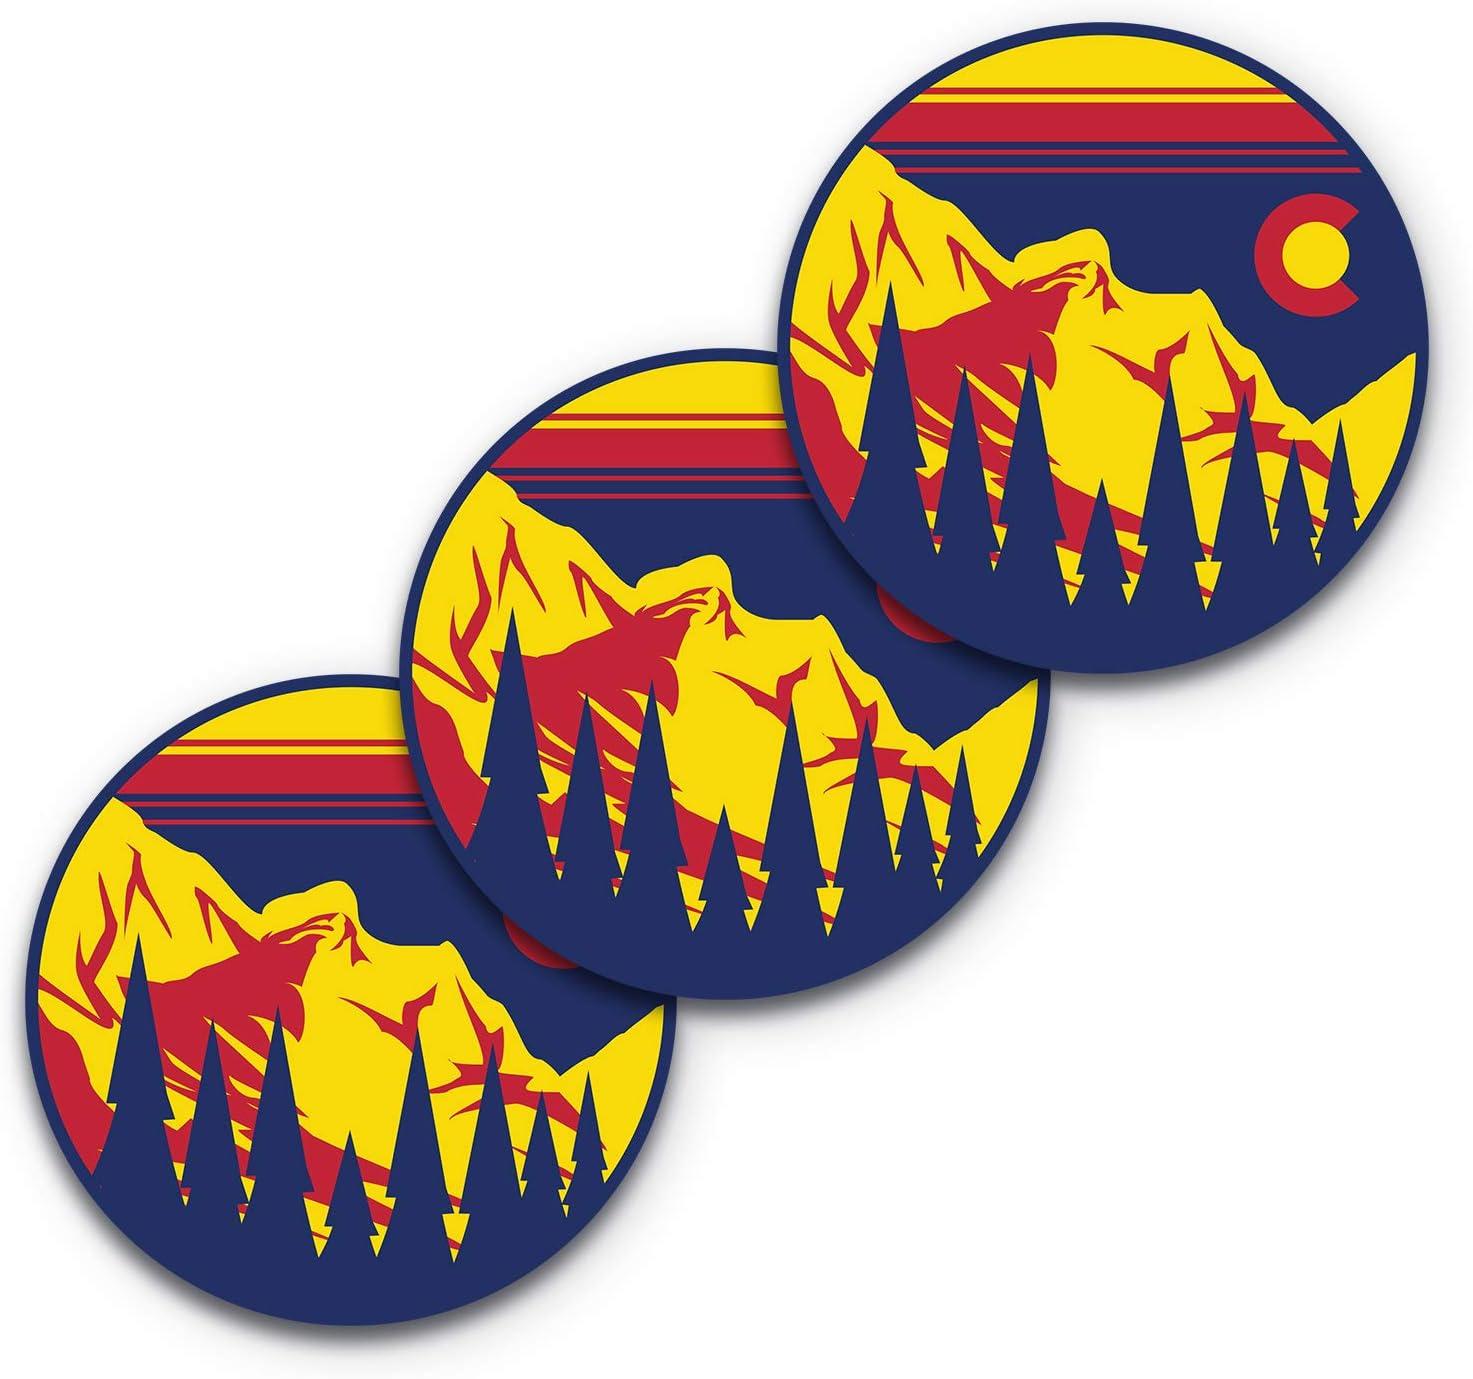 5x5 Colorado Mountain Sticker Colorado Sticker 3-Pack 100% Waterproof Colorado Stickers for Cars Colorado Decal Colorado Car Decal Colorado Flag Bumper Sticker